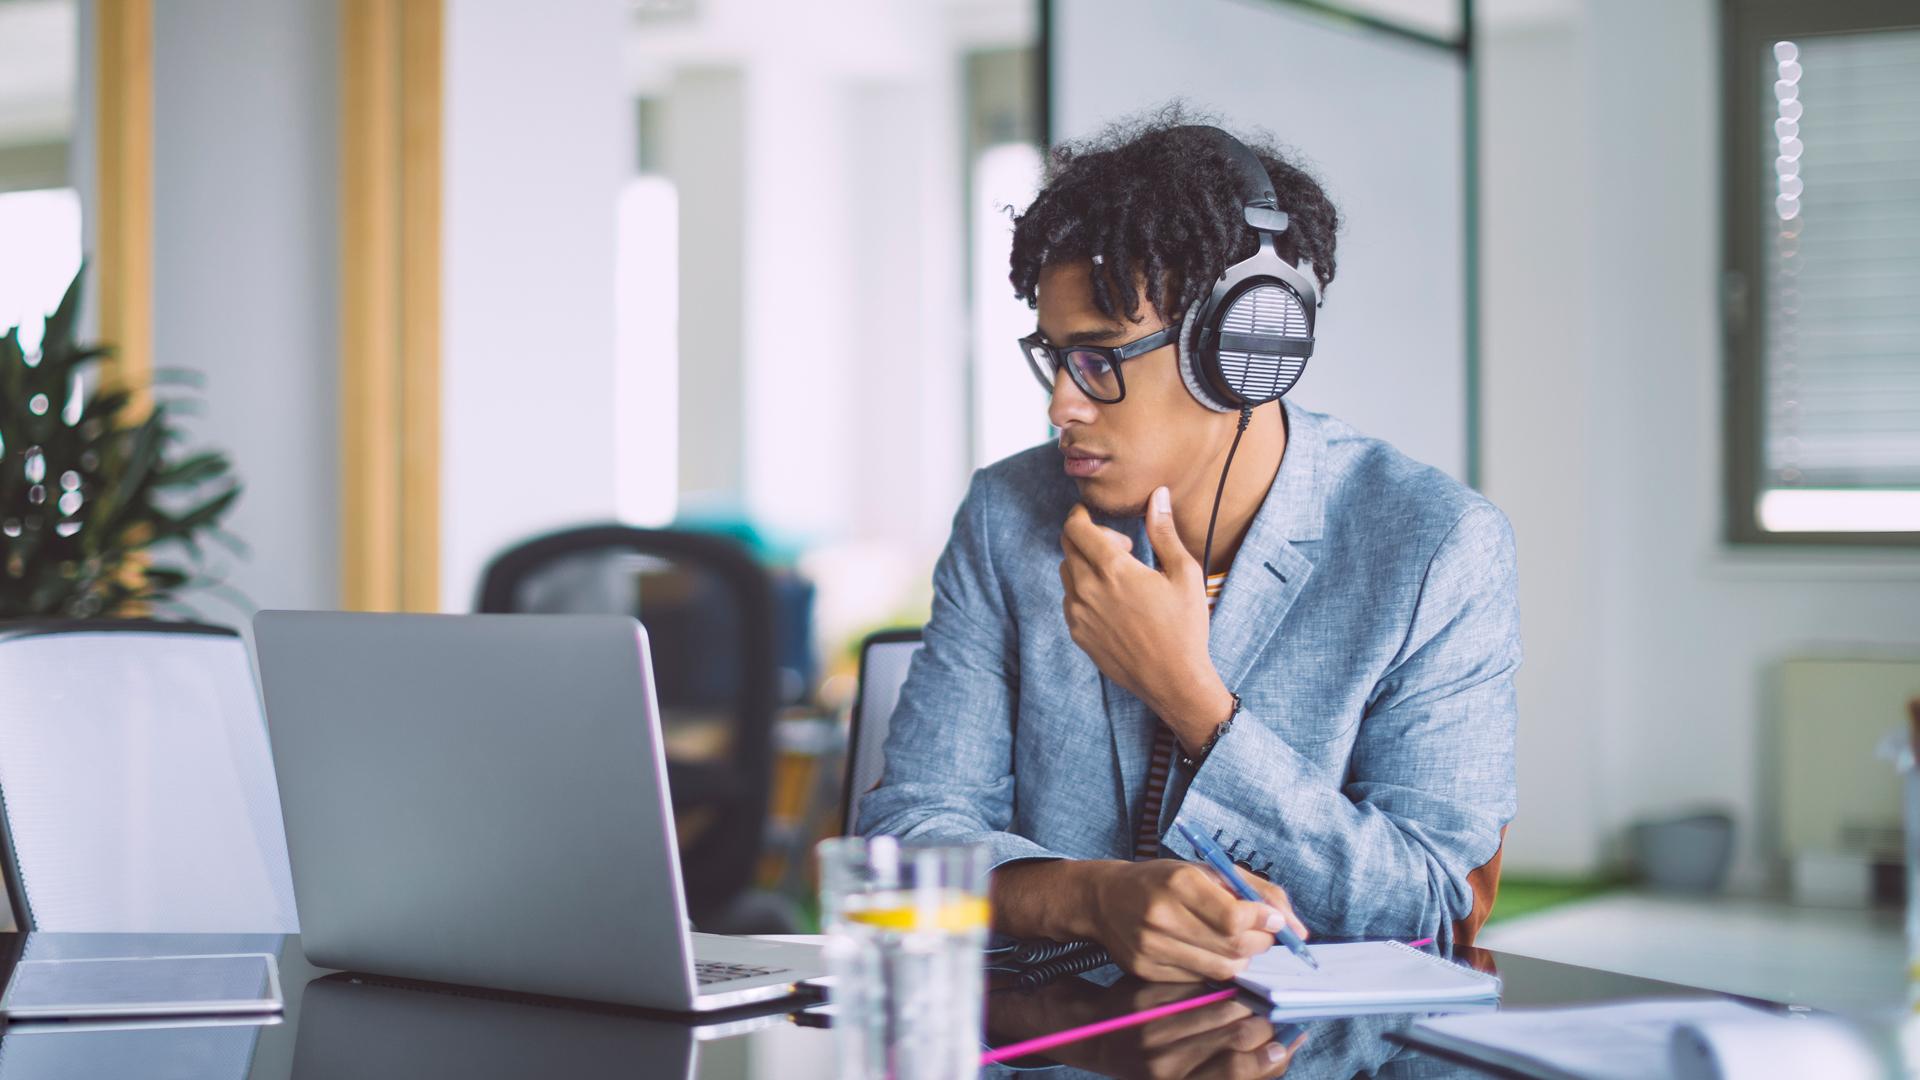 Ein junger Mann trägt Kopfhörer beim Arbeiten am Laptop.